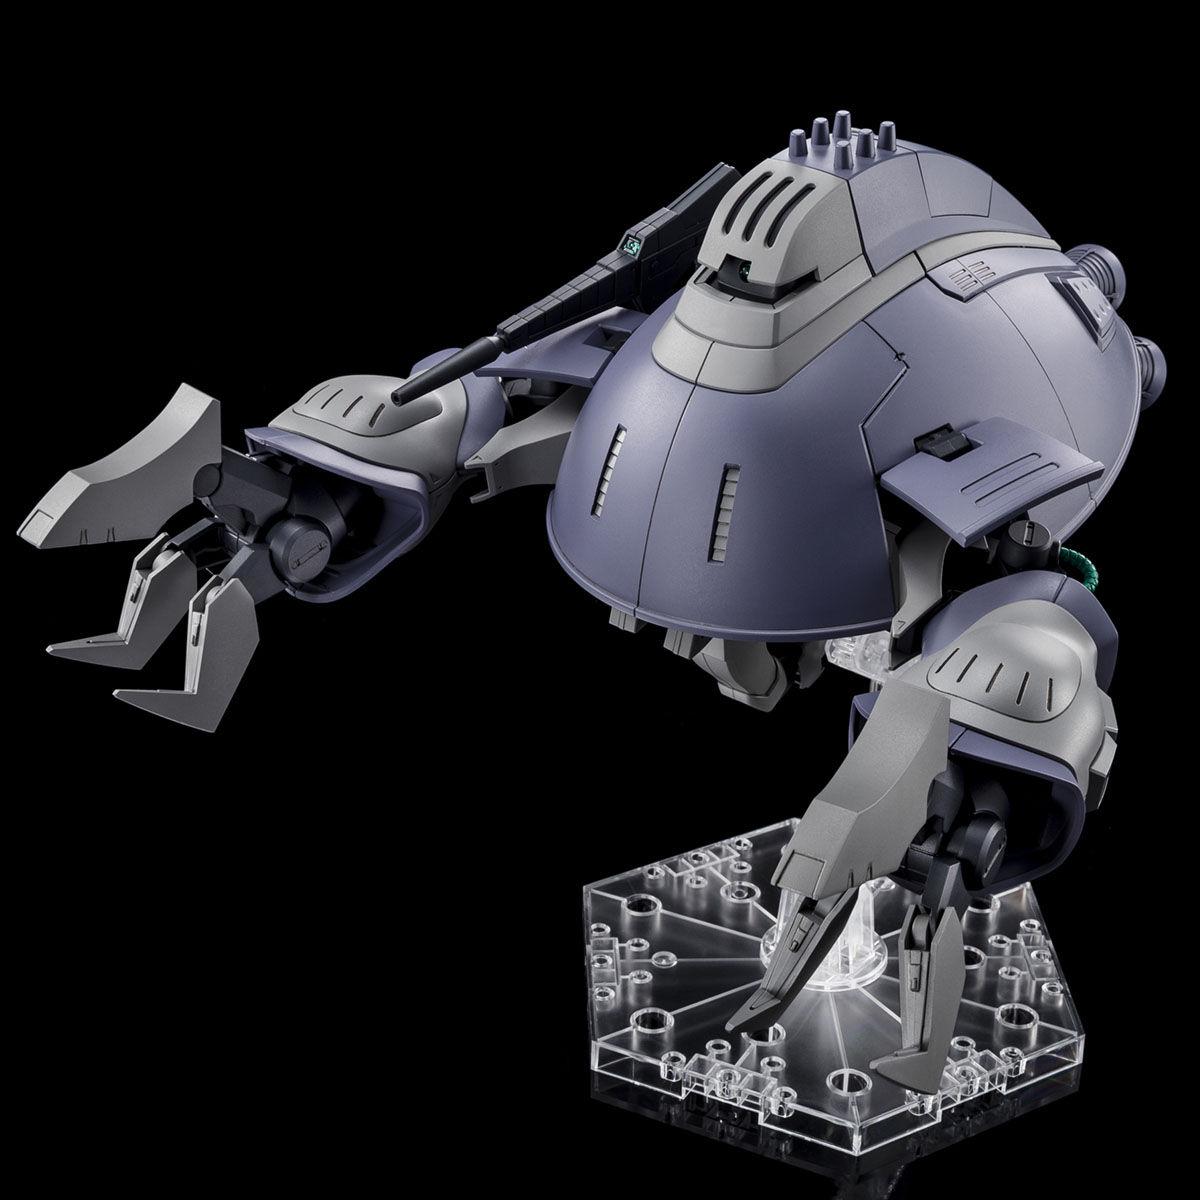 【限定販売】HG 1/144『バウンド・ドック(ゲーツ・キャパ専用機)』機動戦士Zガンダム プラモデル-008